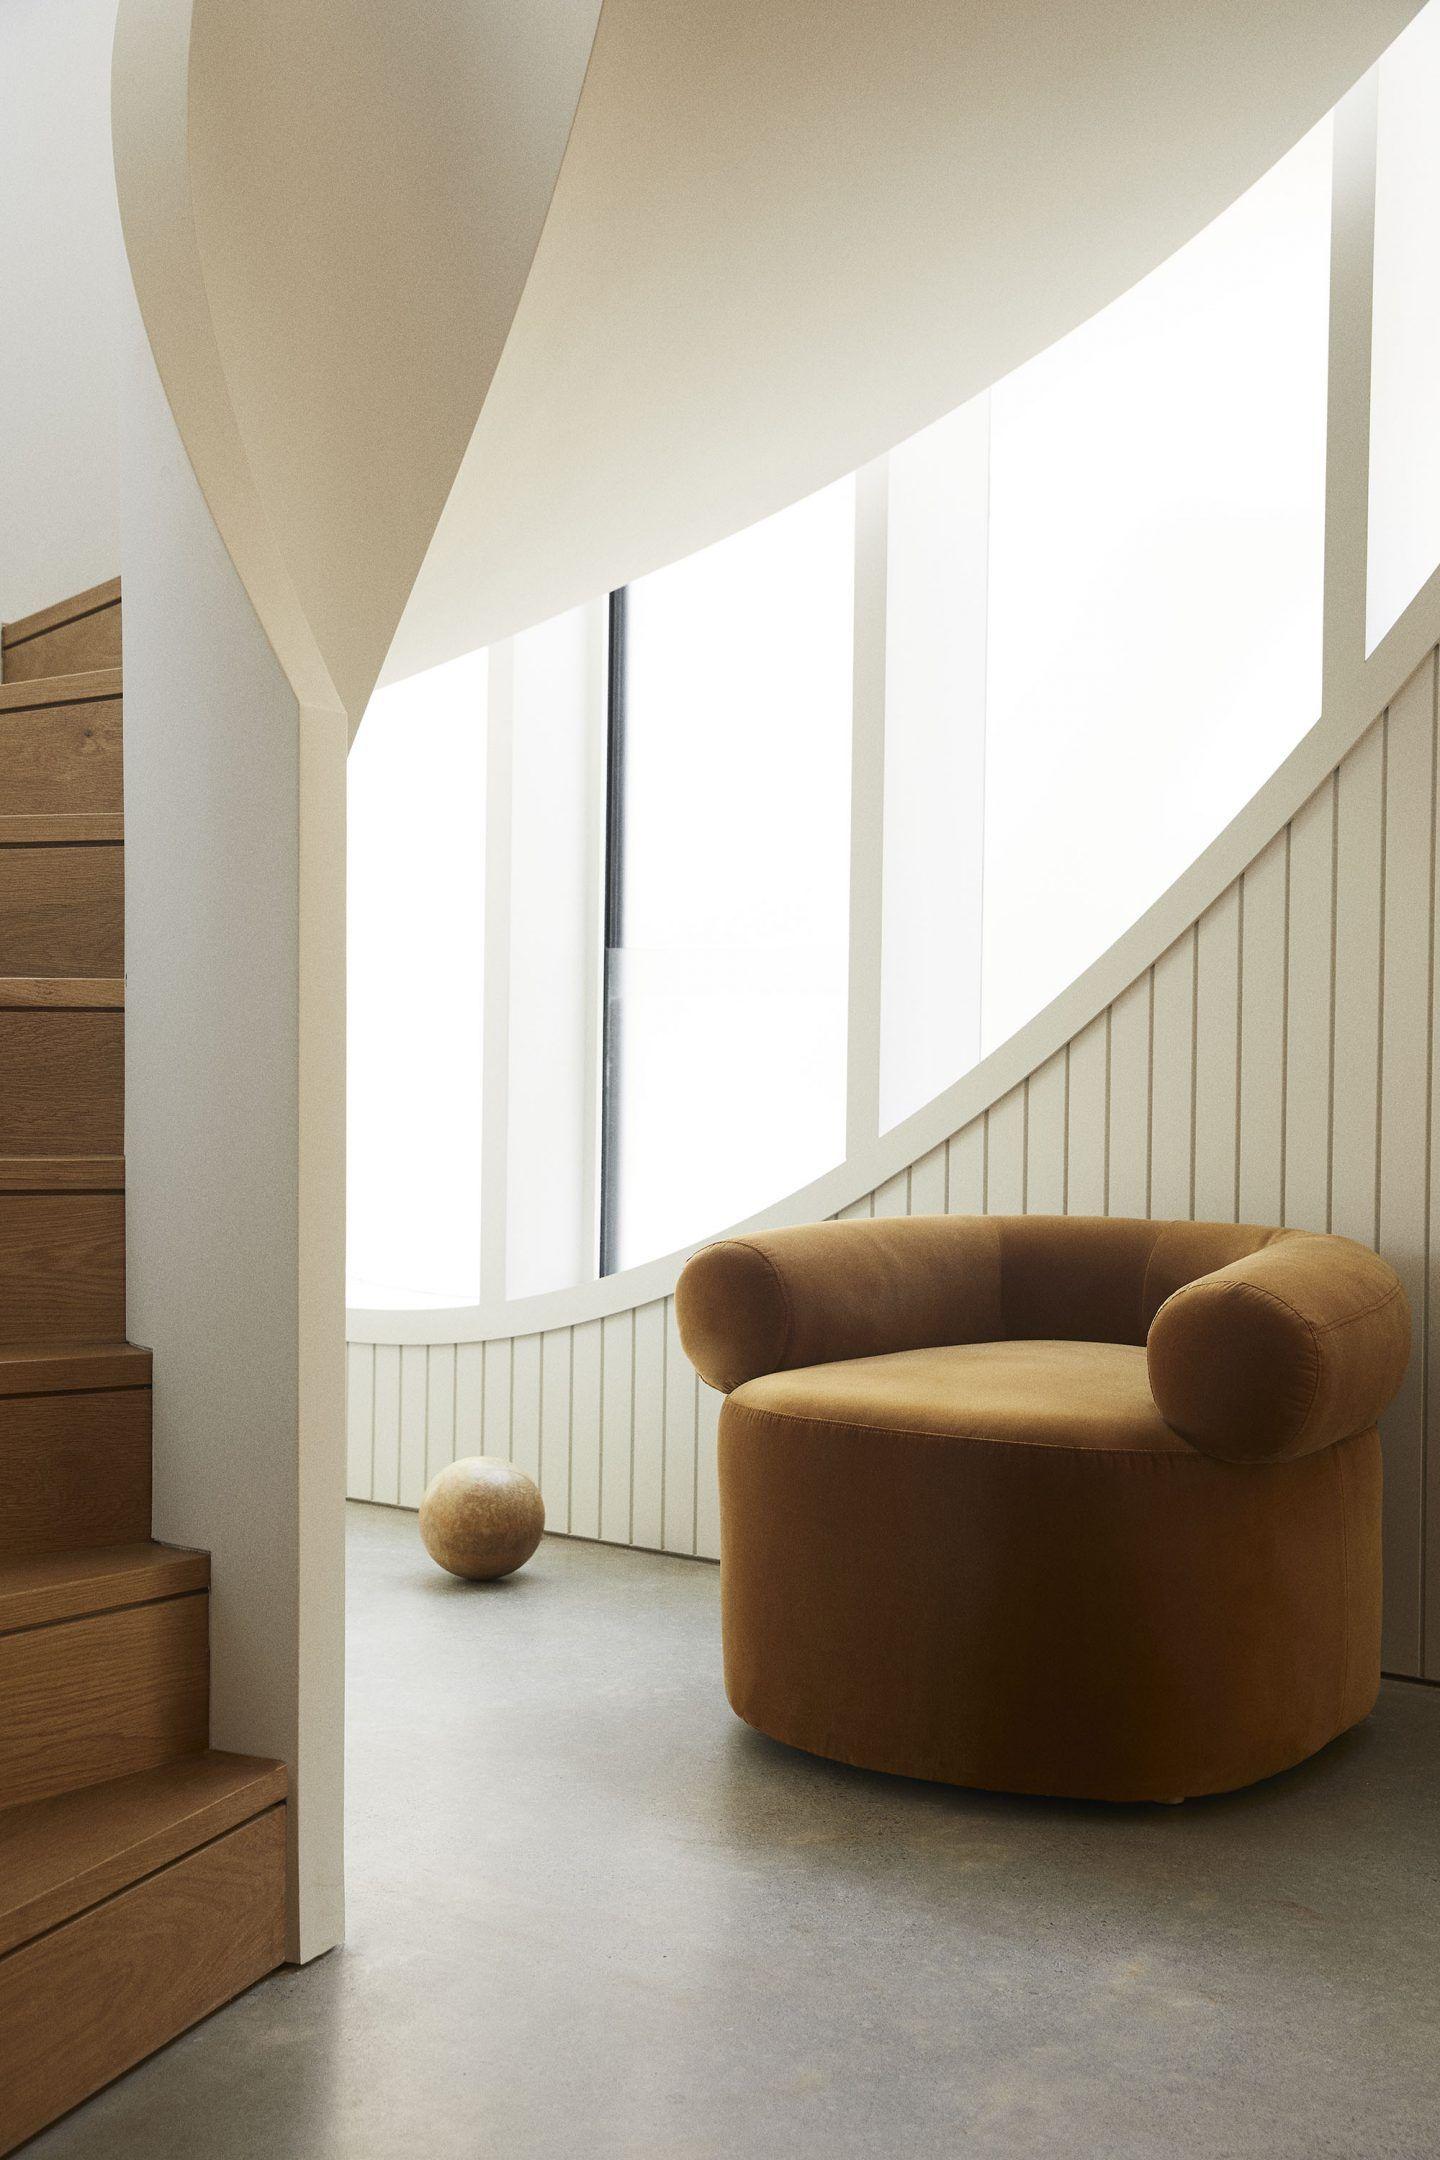 IGNANT-Design-Sarah-Ellison-Sol-011